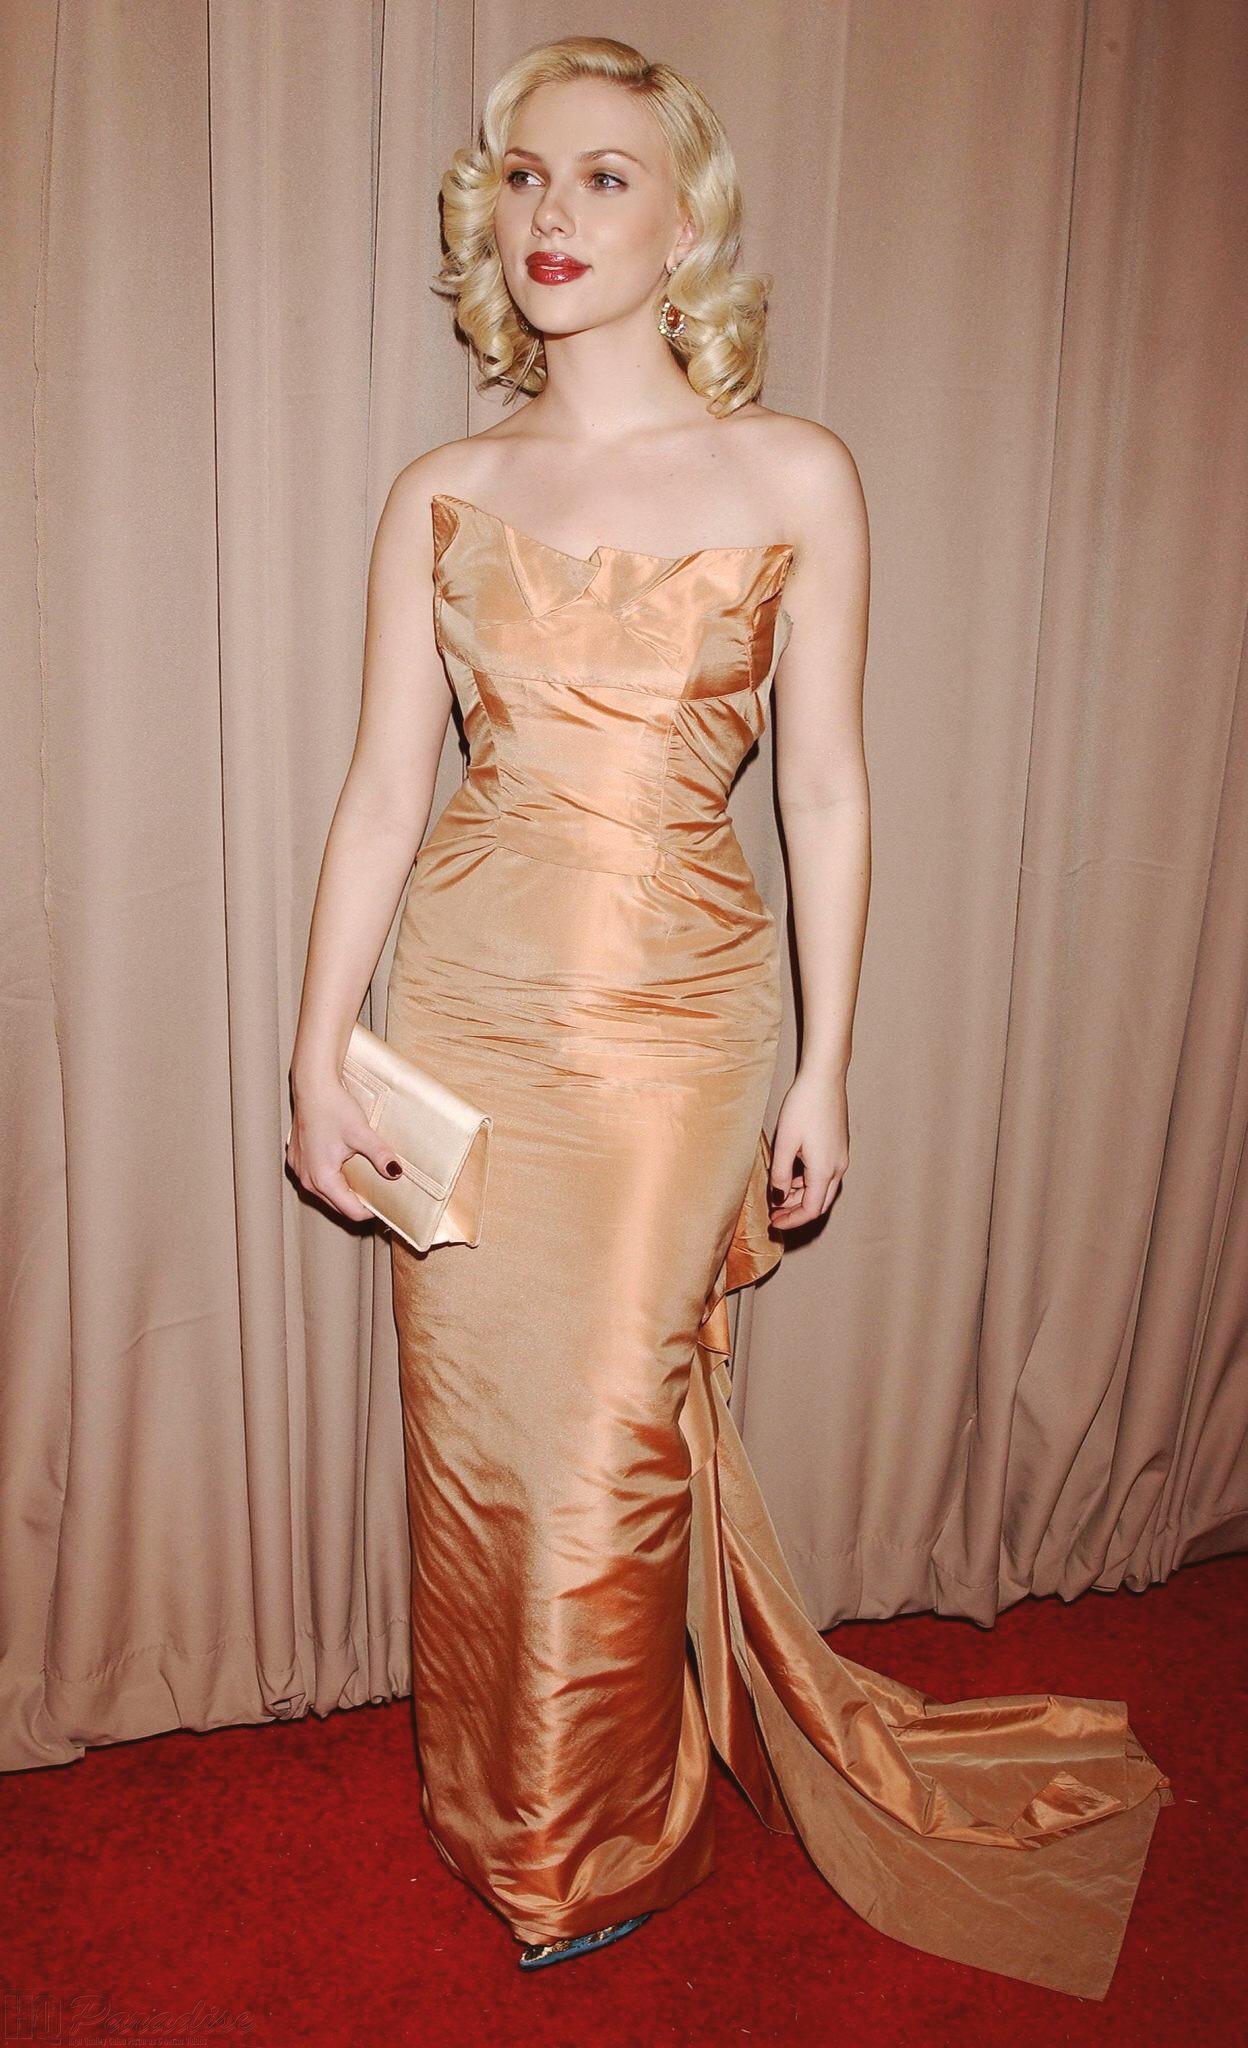 斯嘉丽·约翰逊 这种美貌是真实存在的吗?